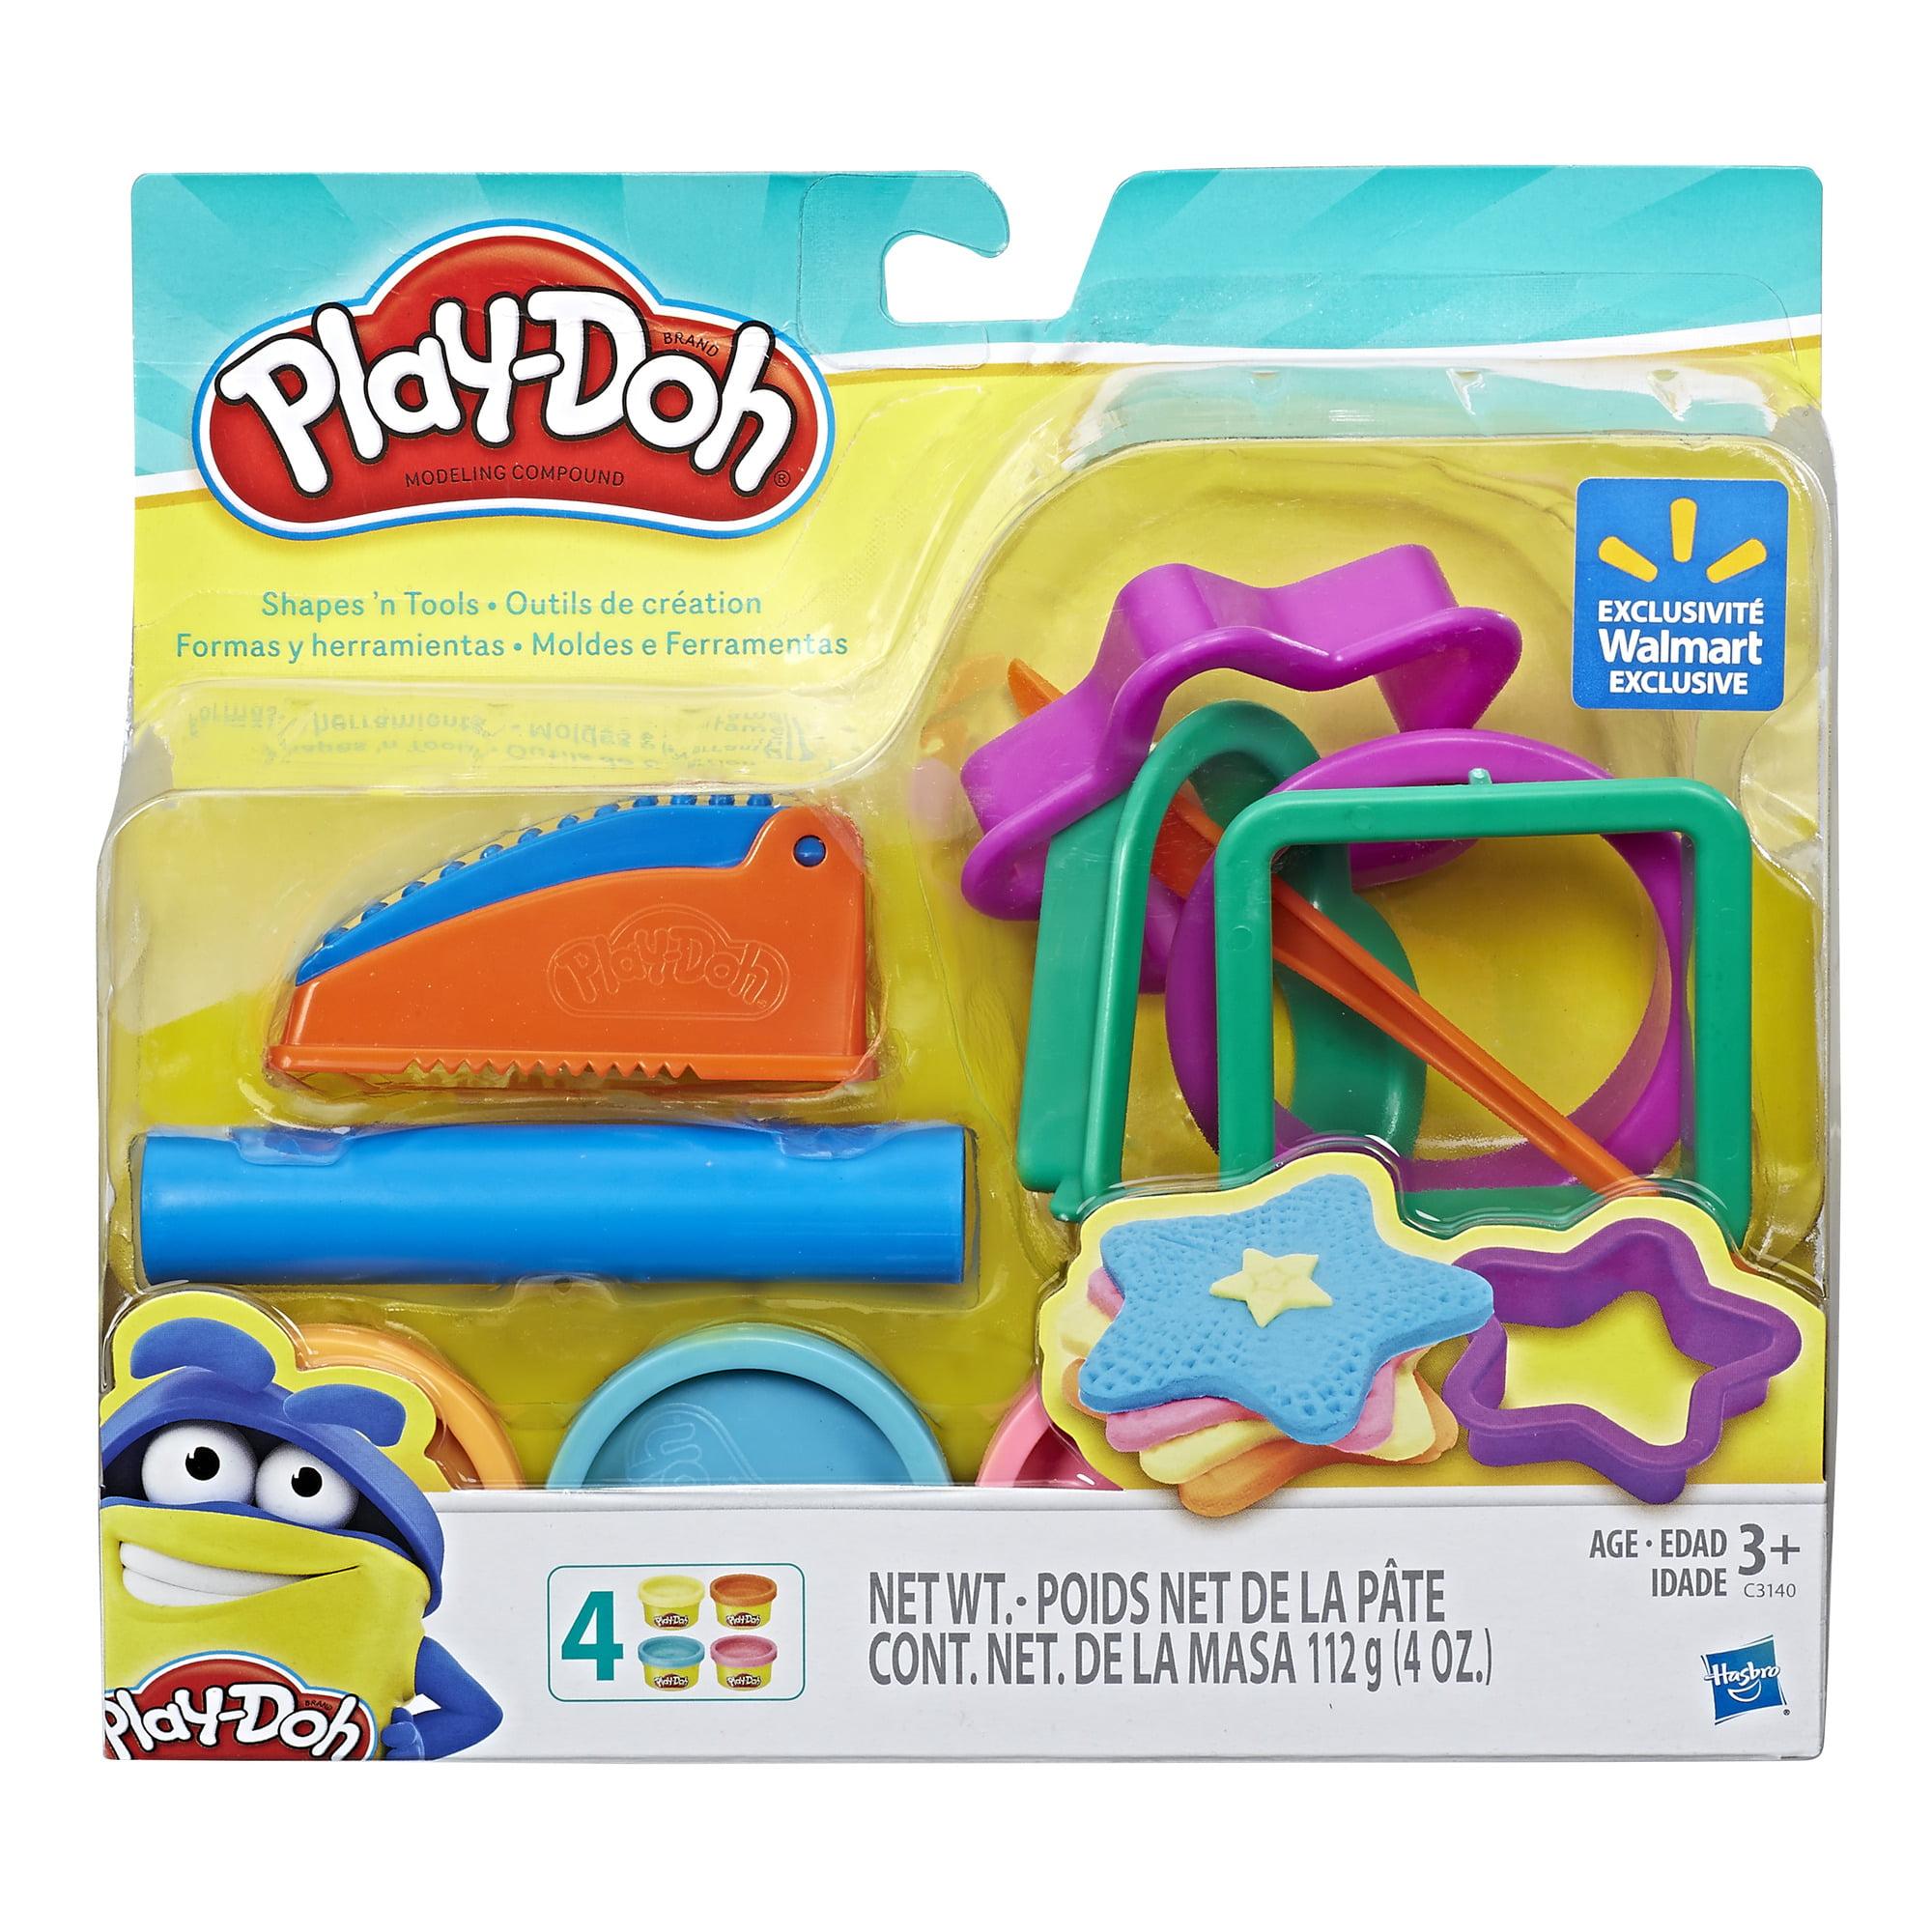 Play-Doh Shapes \'N Tools Set - Walmart.com